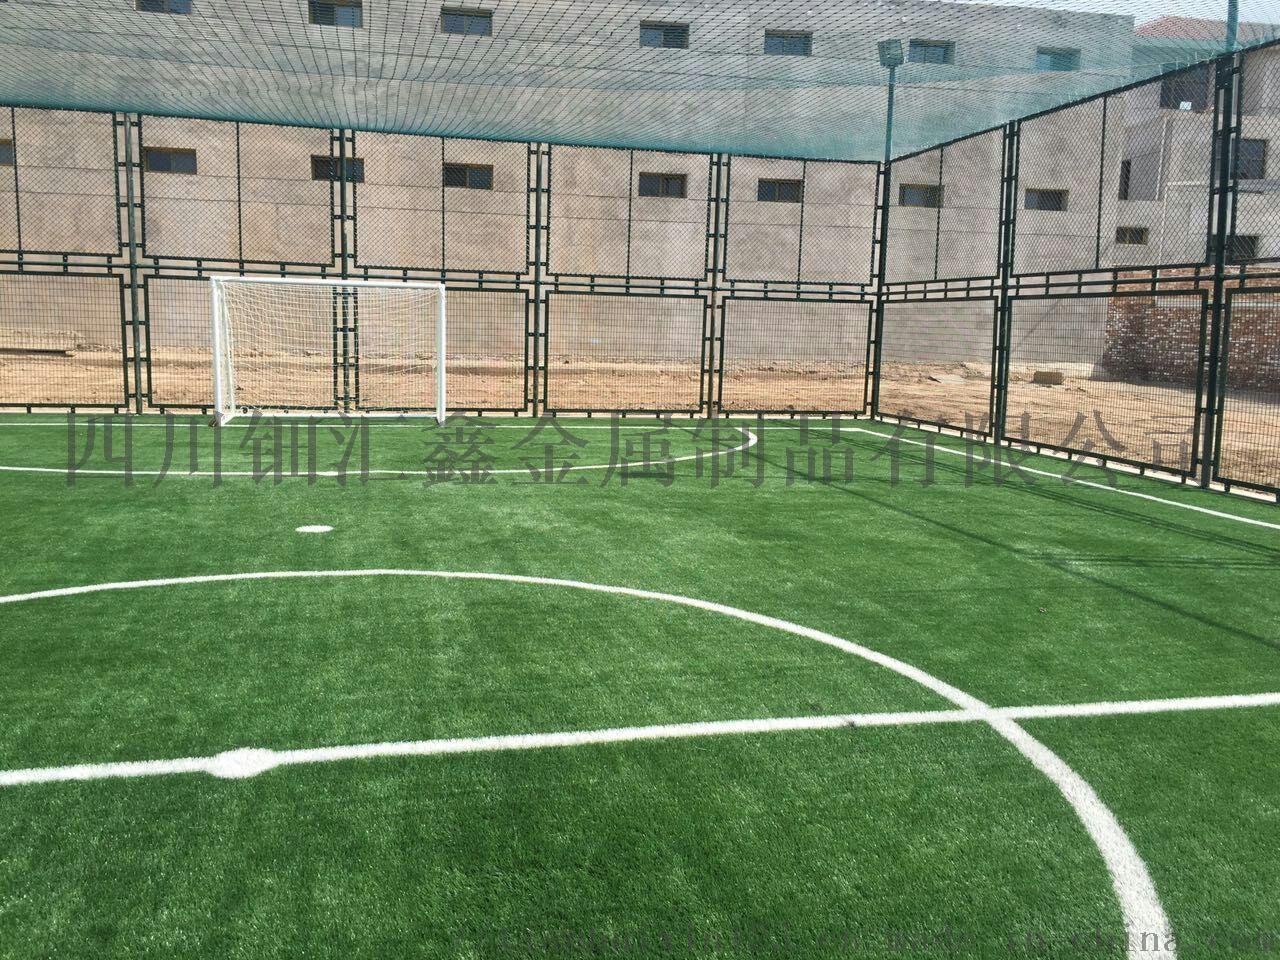 人工草坪仿真草坪围挡学校足球场人造草坪铺设58722322